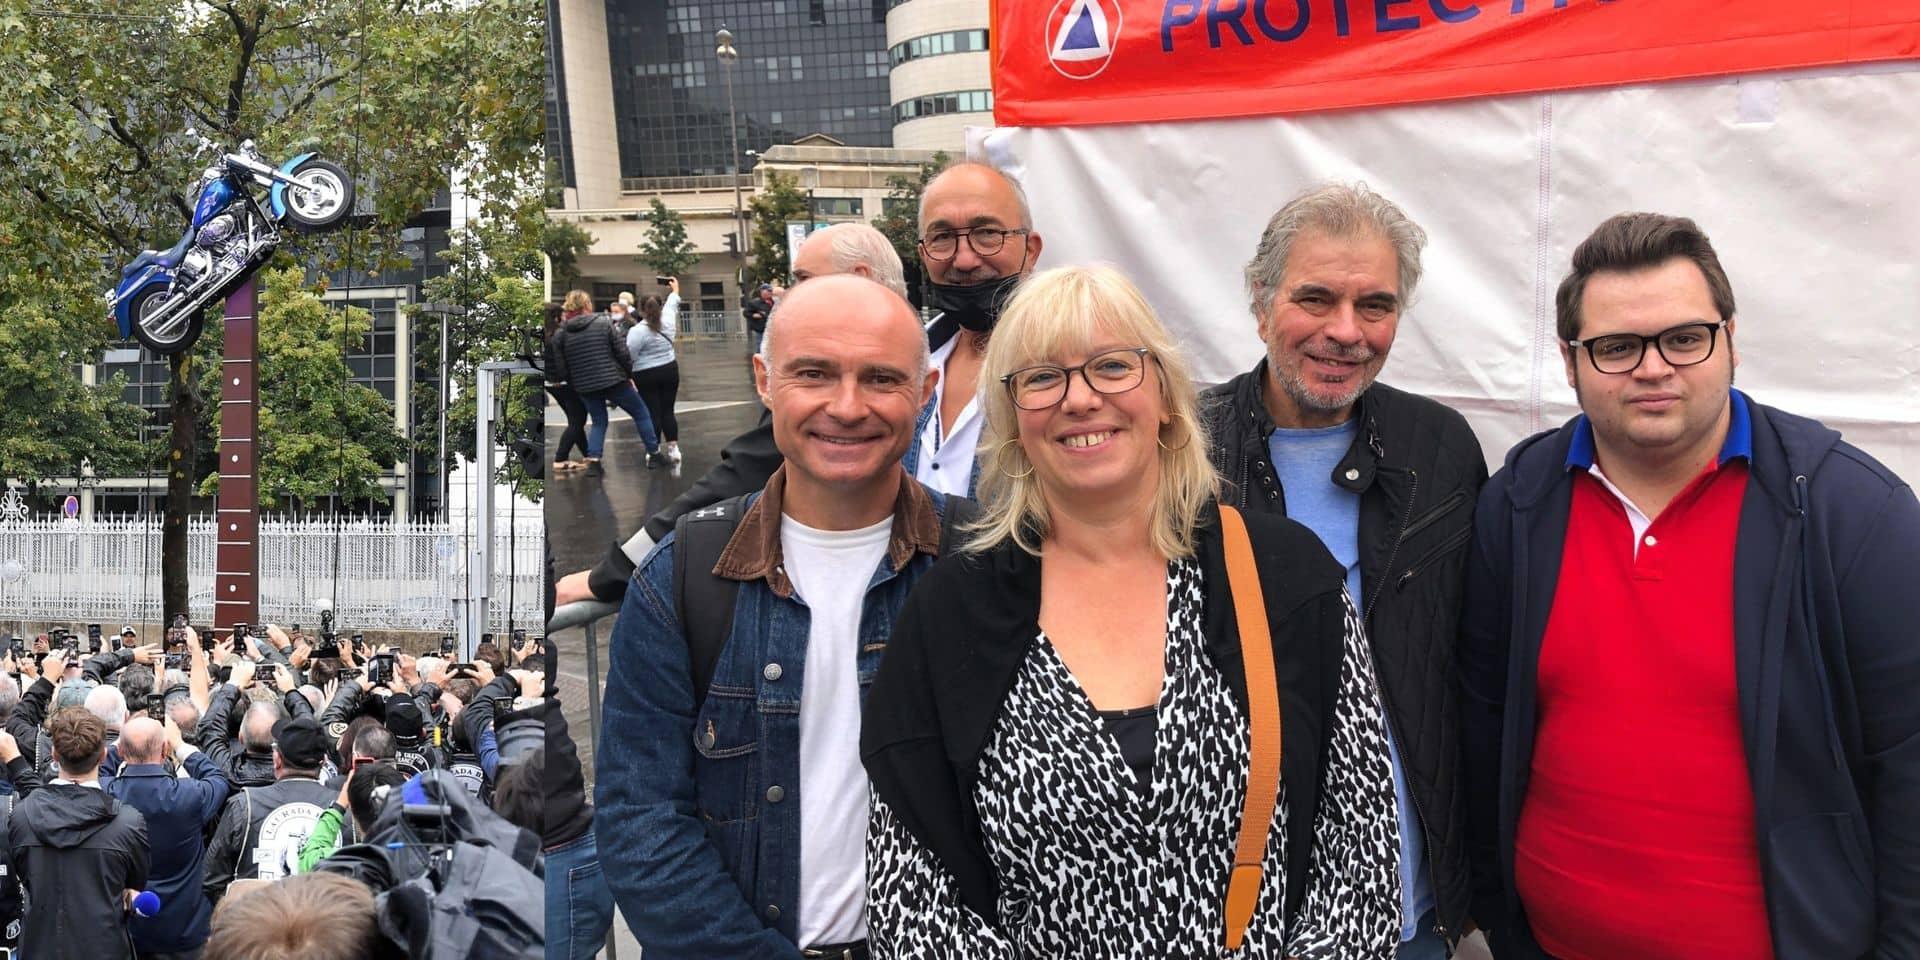 """Une fan belge à l'esplanade Johnny Hallyday, à Paris, déçu comme beaucoup d'autres : """"C'est moche, ce n'est pas Johnny !"""""""